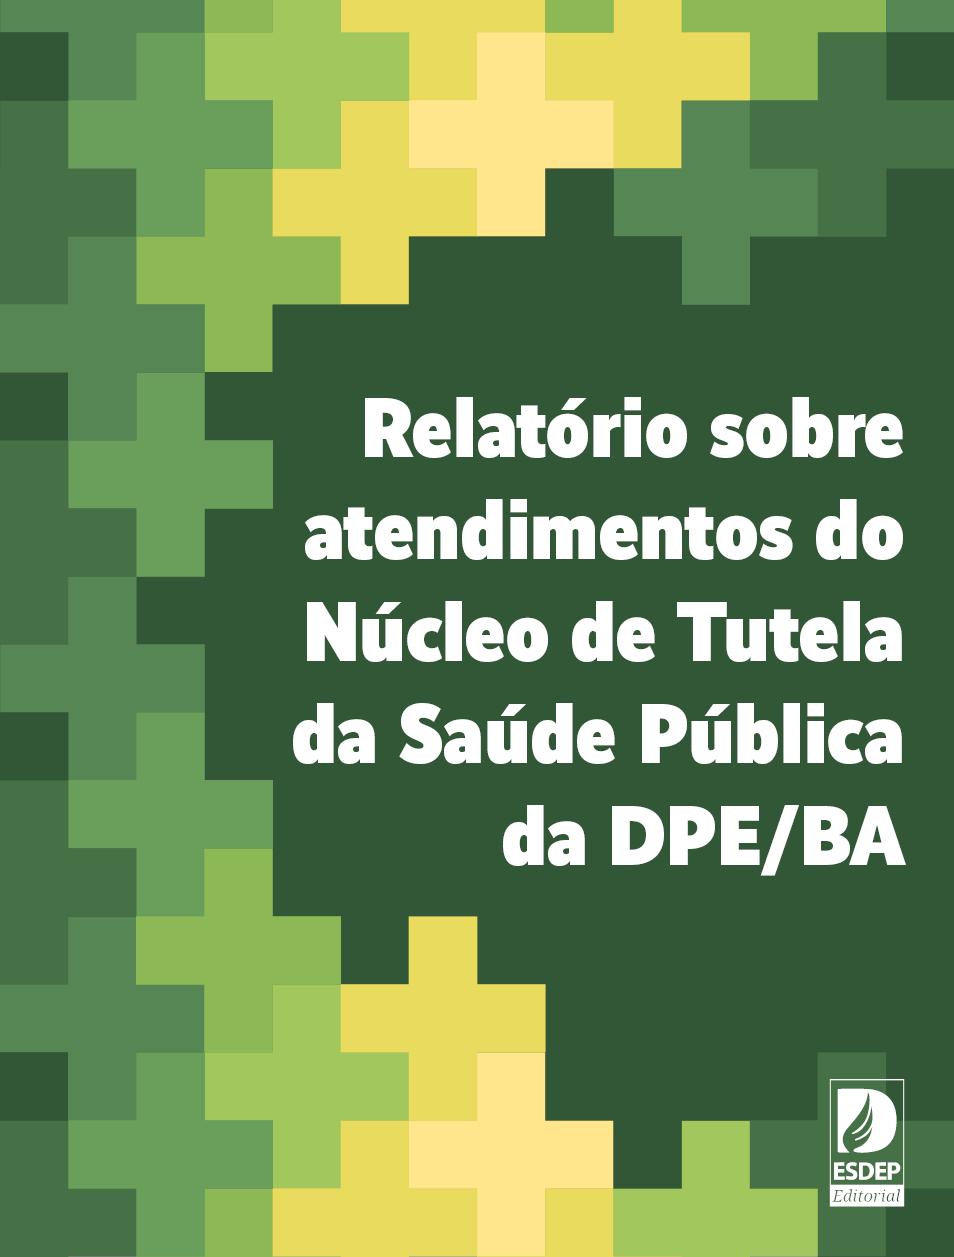 Relatório sobre atendimentos do Núcleo de Tutela da Saúde Pública da DPE/BA